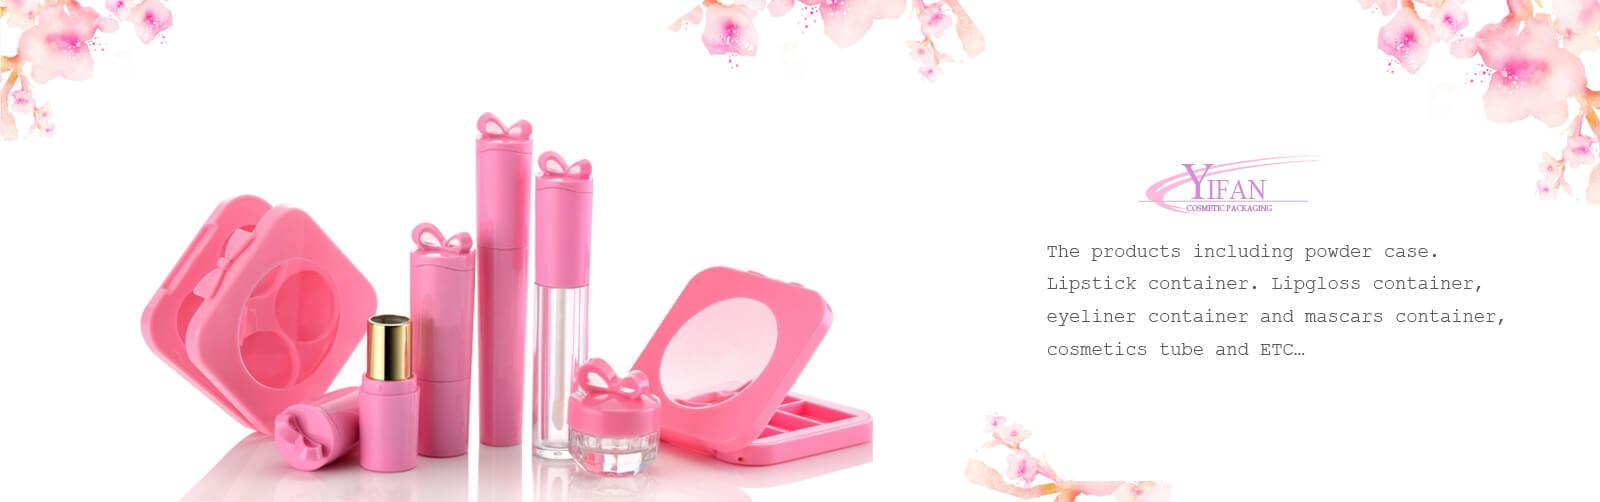 Yifan Cosmetic Packaging